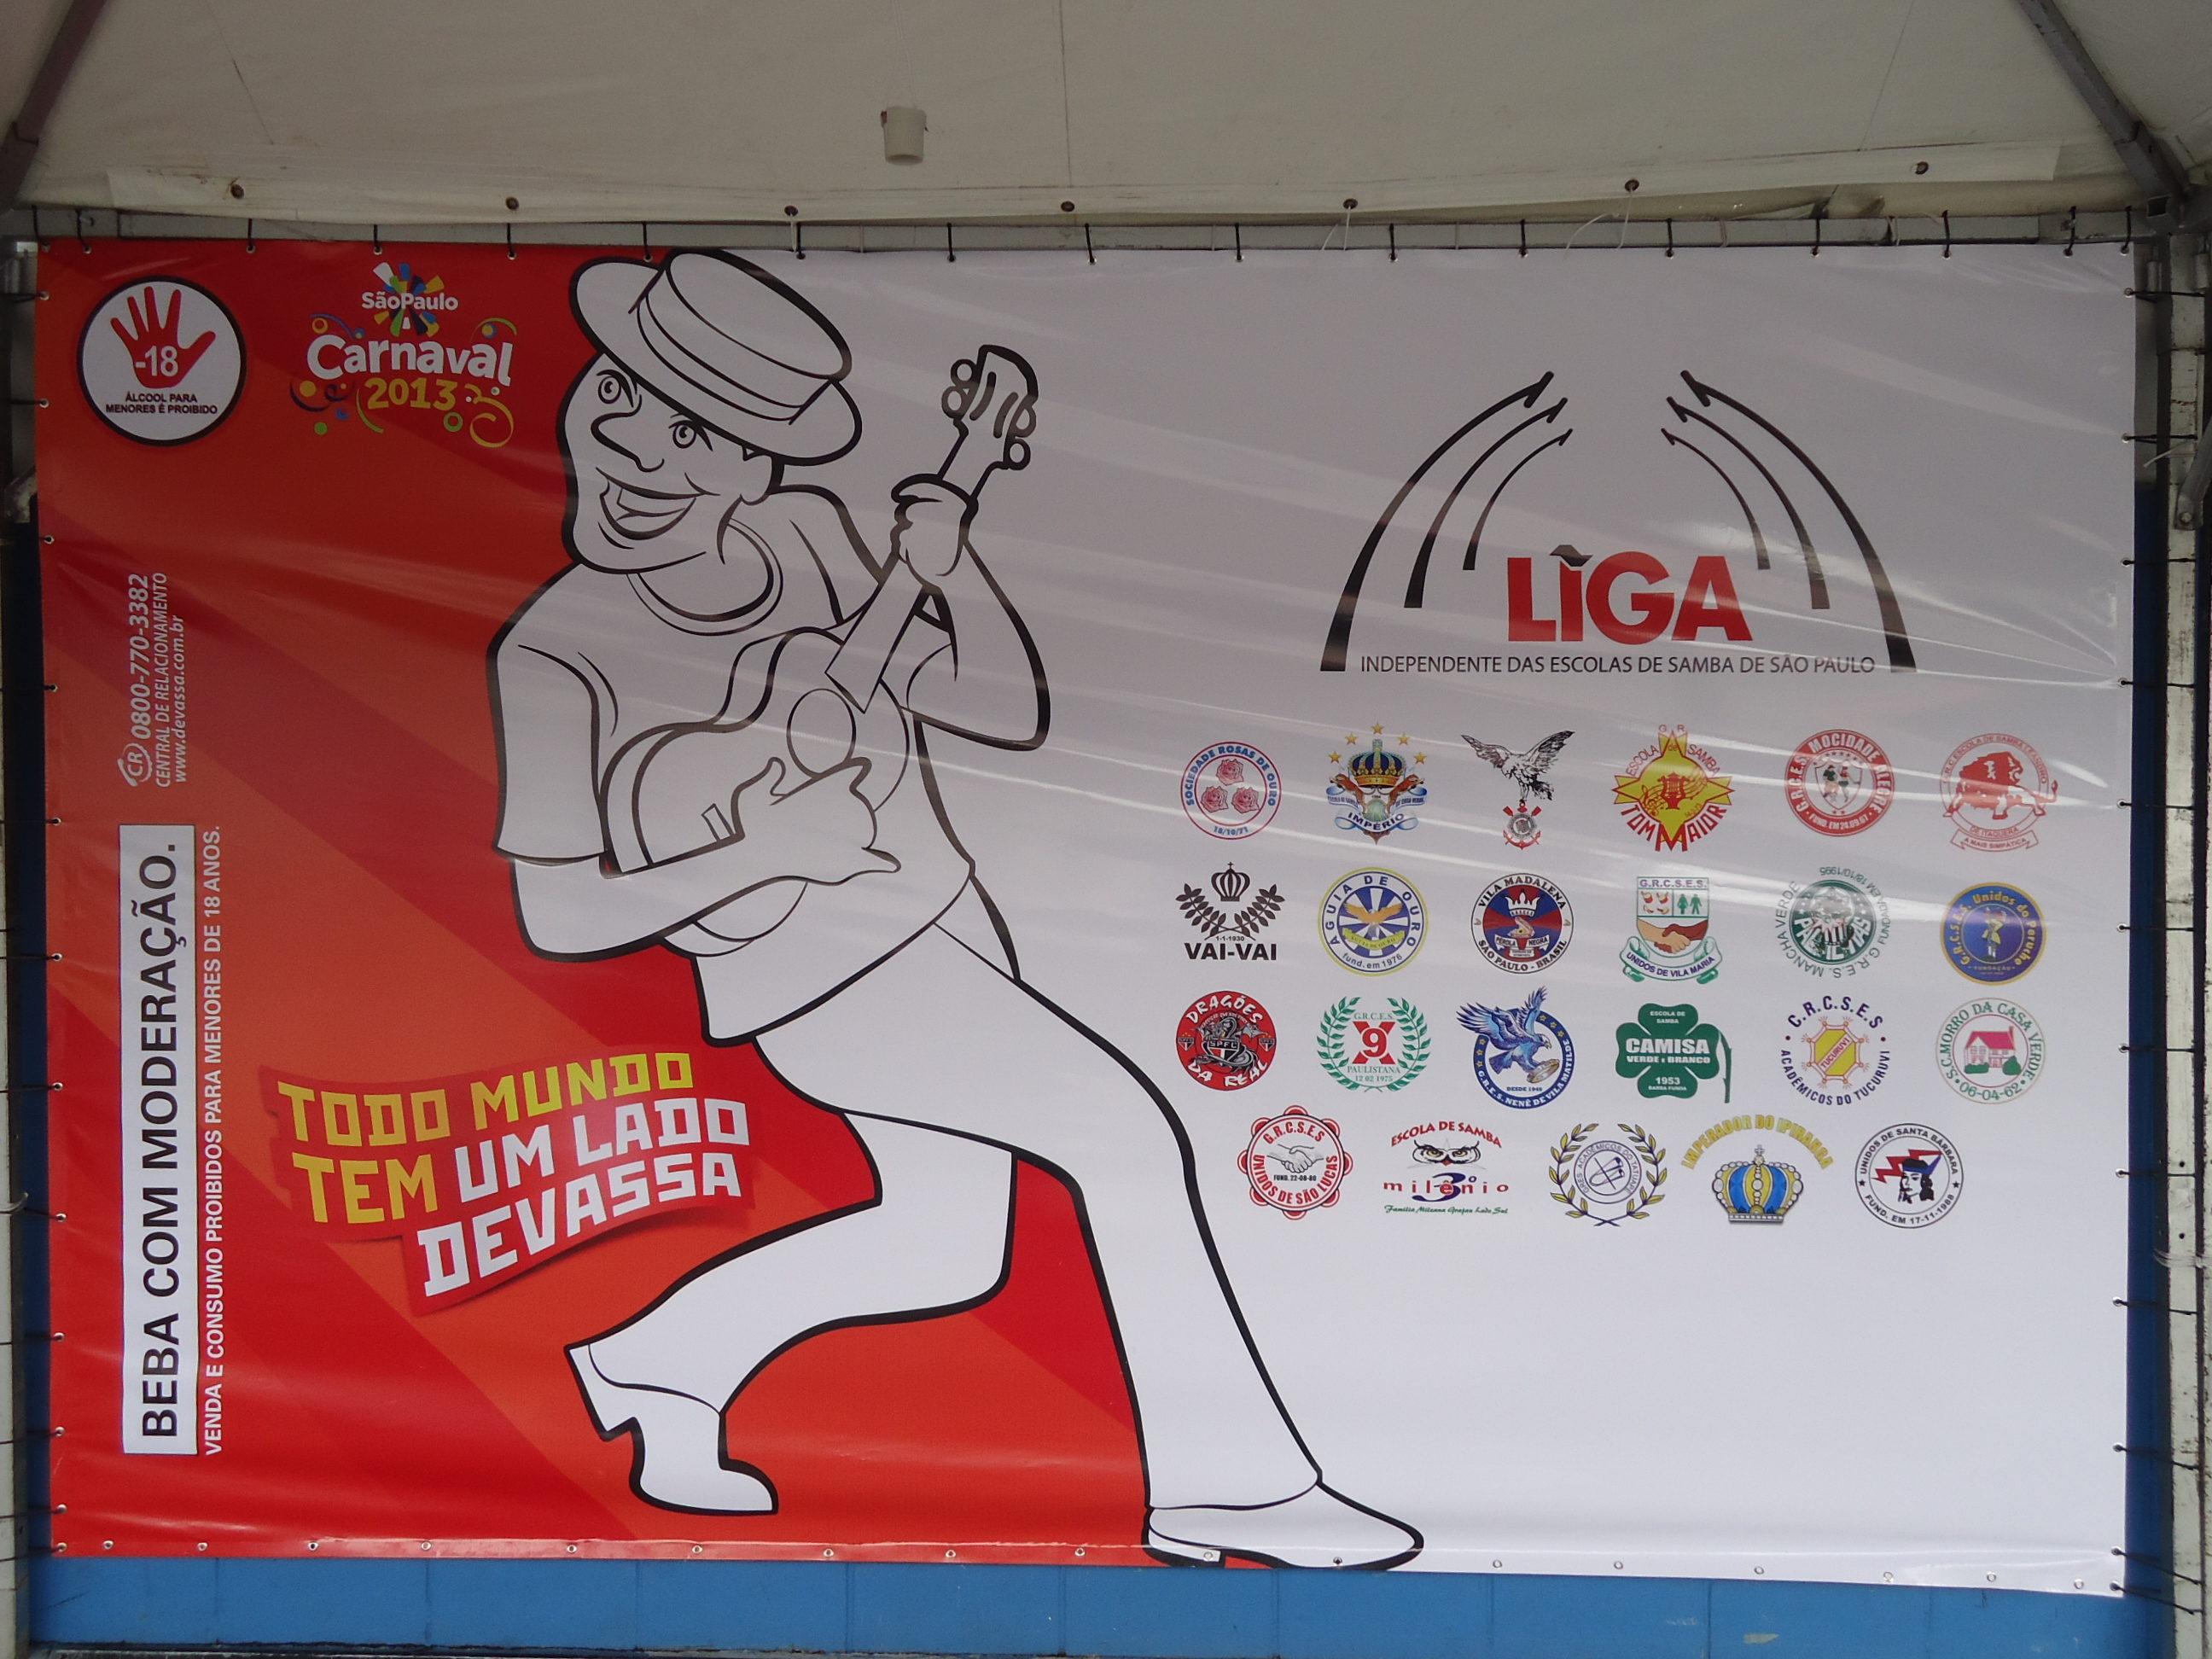 Liga das Escolas de Samba 2013